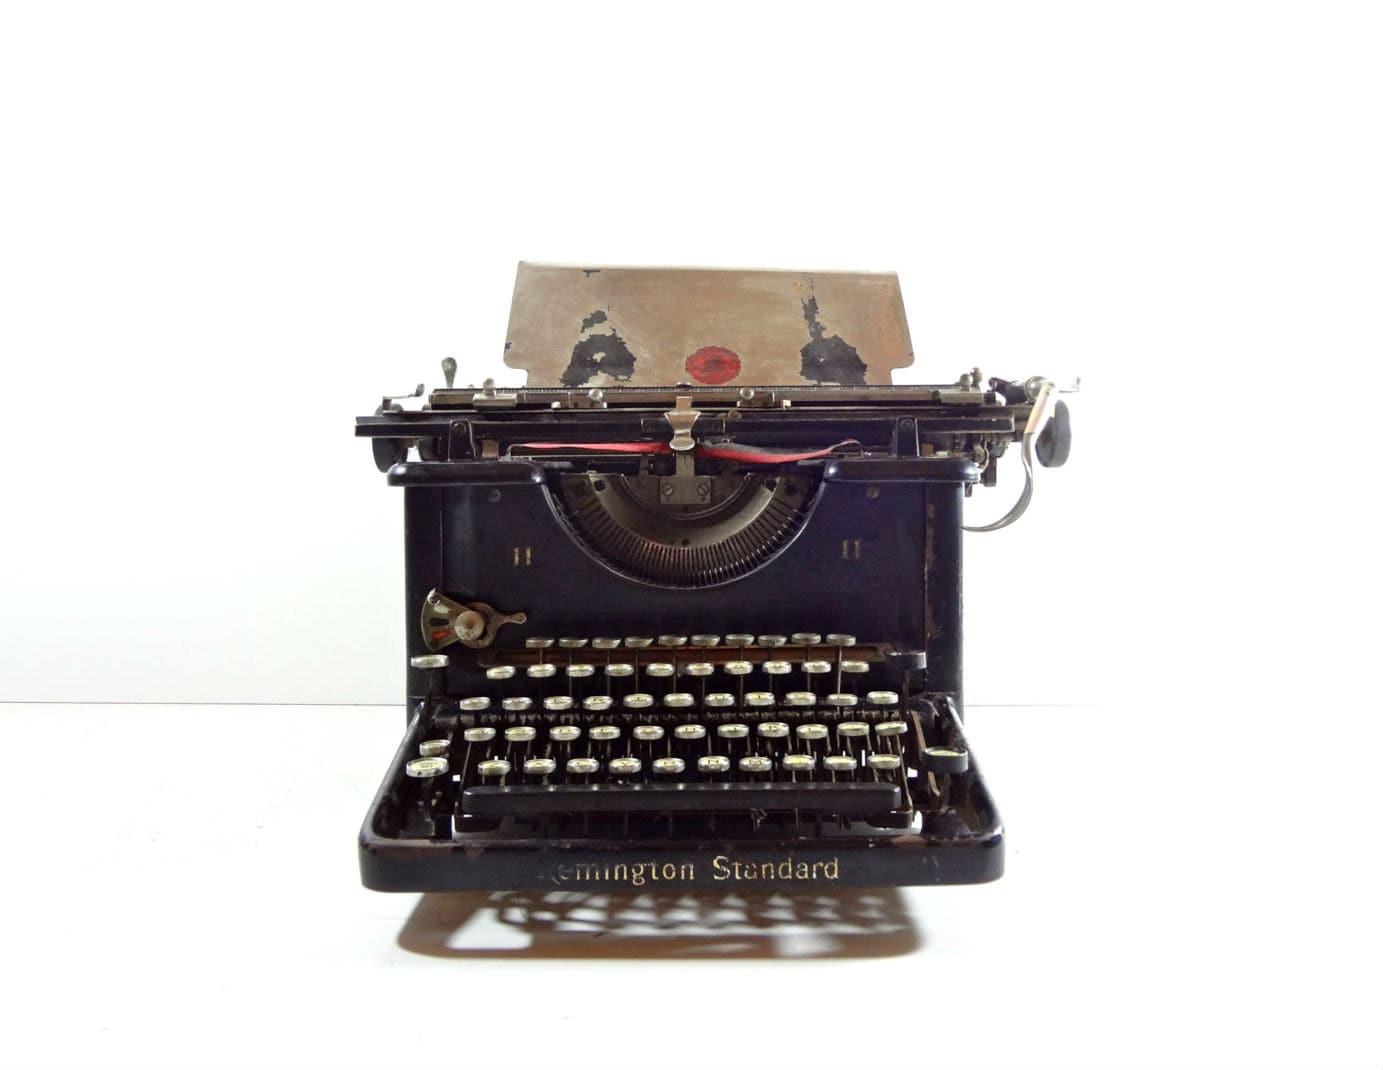 Vintage Remington Standard No  11 Manual Typewriter